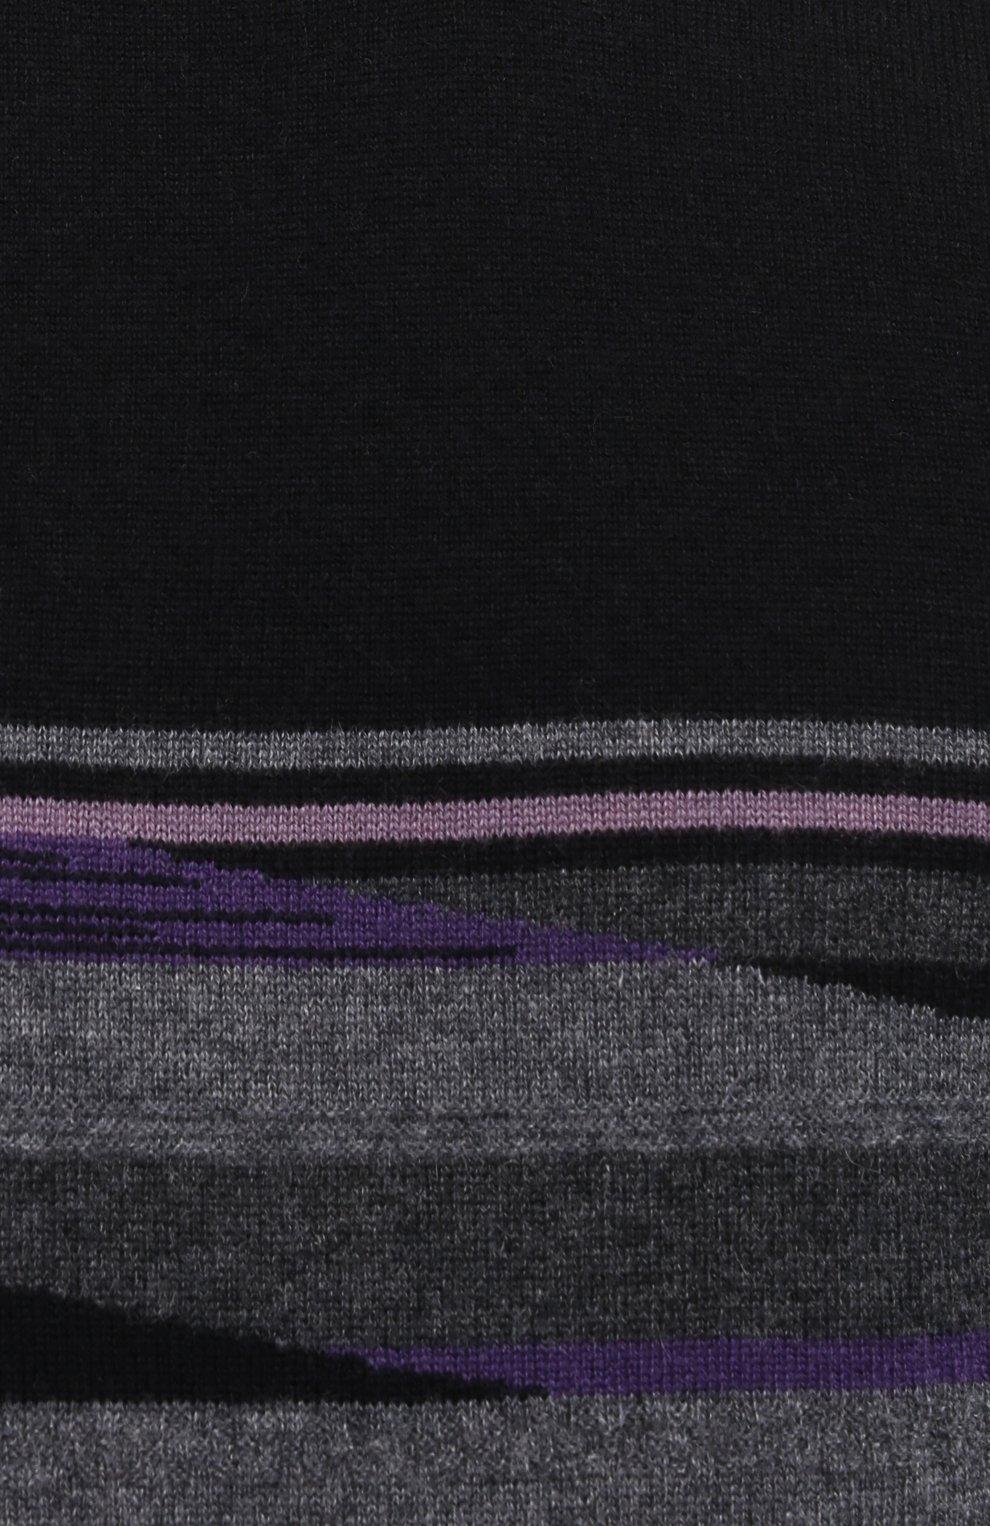 Мужской кашемировый джемпер Z ZEGNA черного цвета, арт. VVH23/ZZ110   Фото 5 (Мужское Кросс-КТ: Джемперы; Материал внешний: Шерсть; Рукава: Длинные; Длина (для топов): Стандартные; Вырез: Круглый; Стили: Кэжуэл)